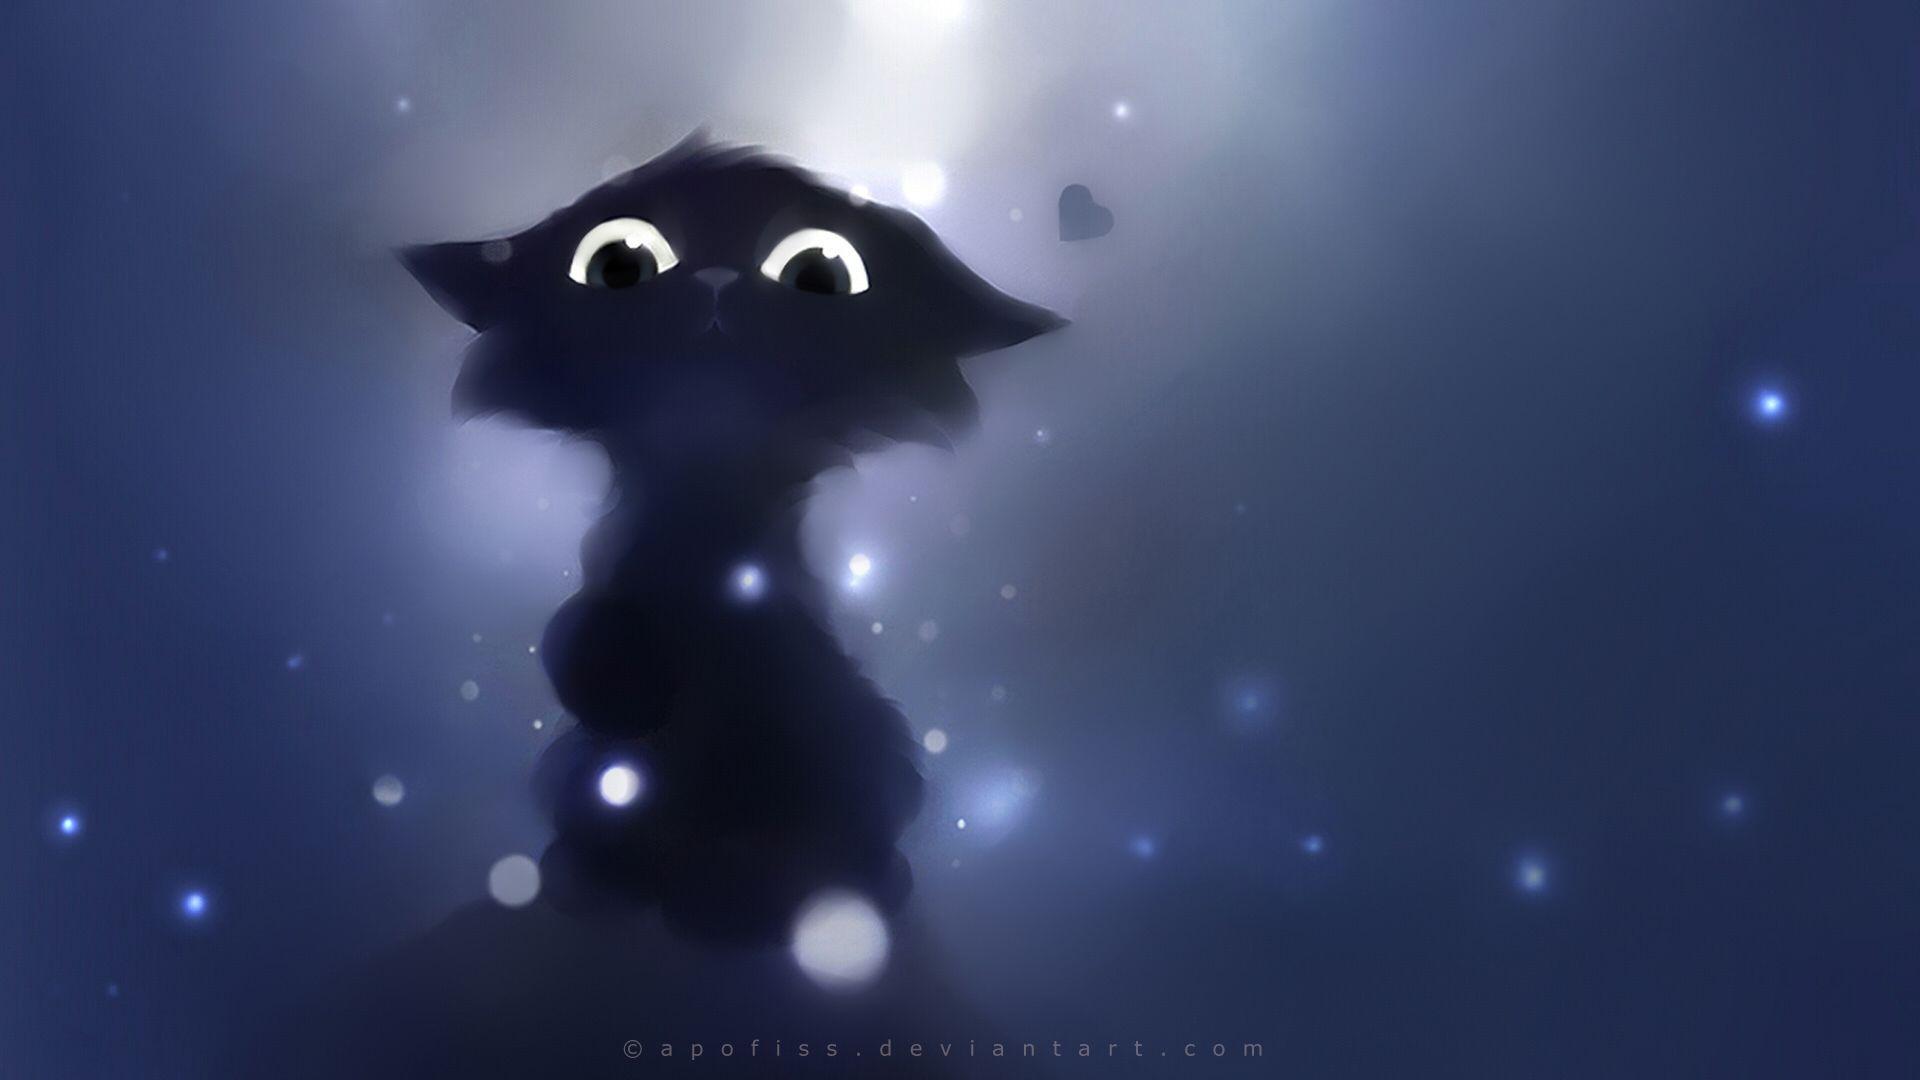 Cartoon Cute Animals Fantasy Eyes Pov Apofiss Cats Kittens